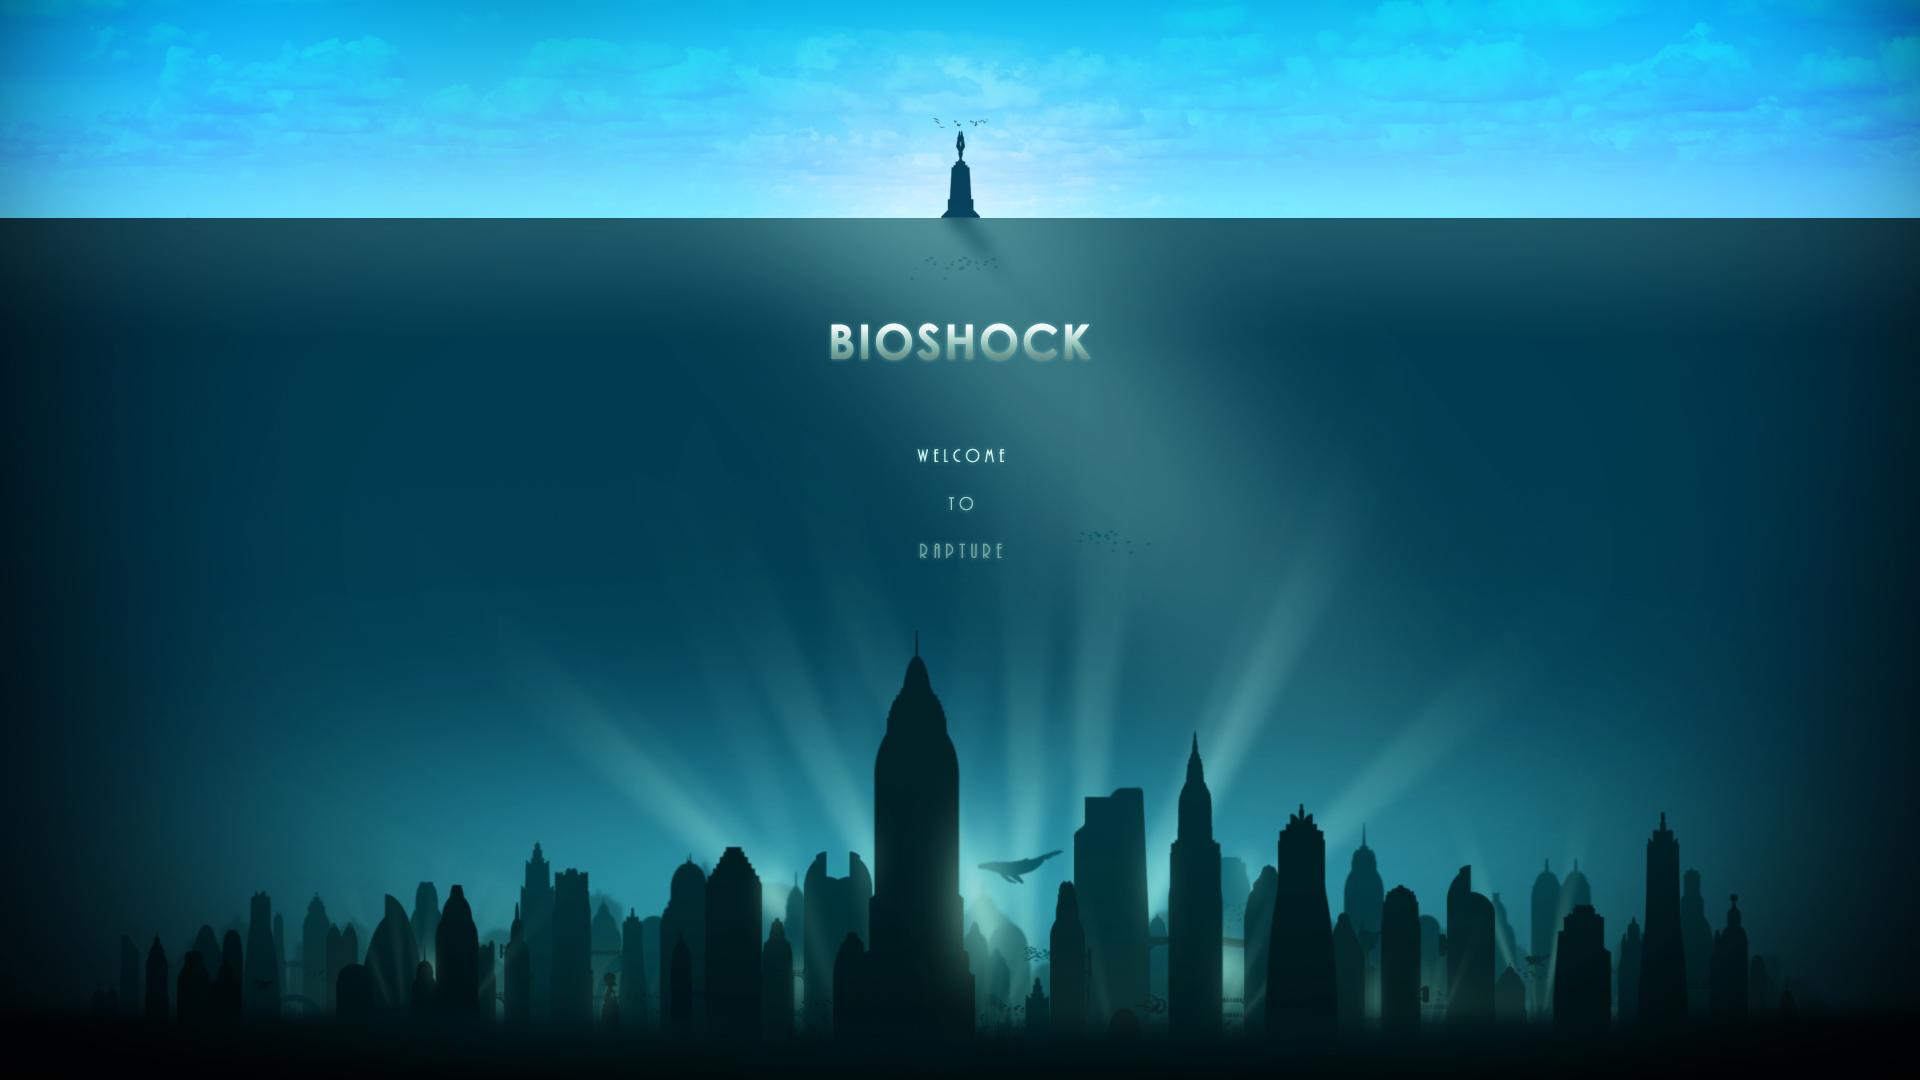 Bioshock Wallpaper By Rocklou On Deviantart